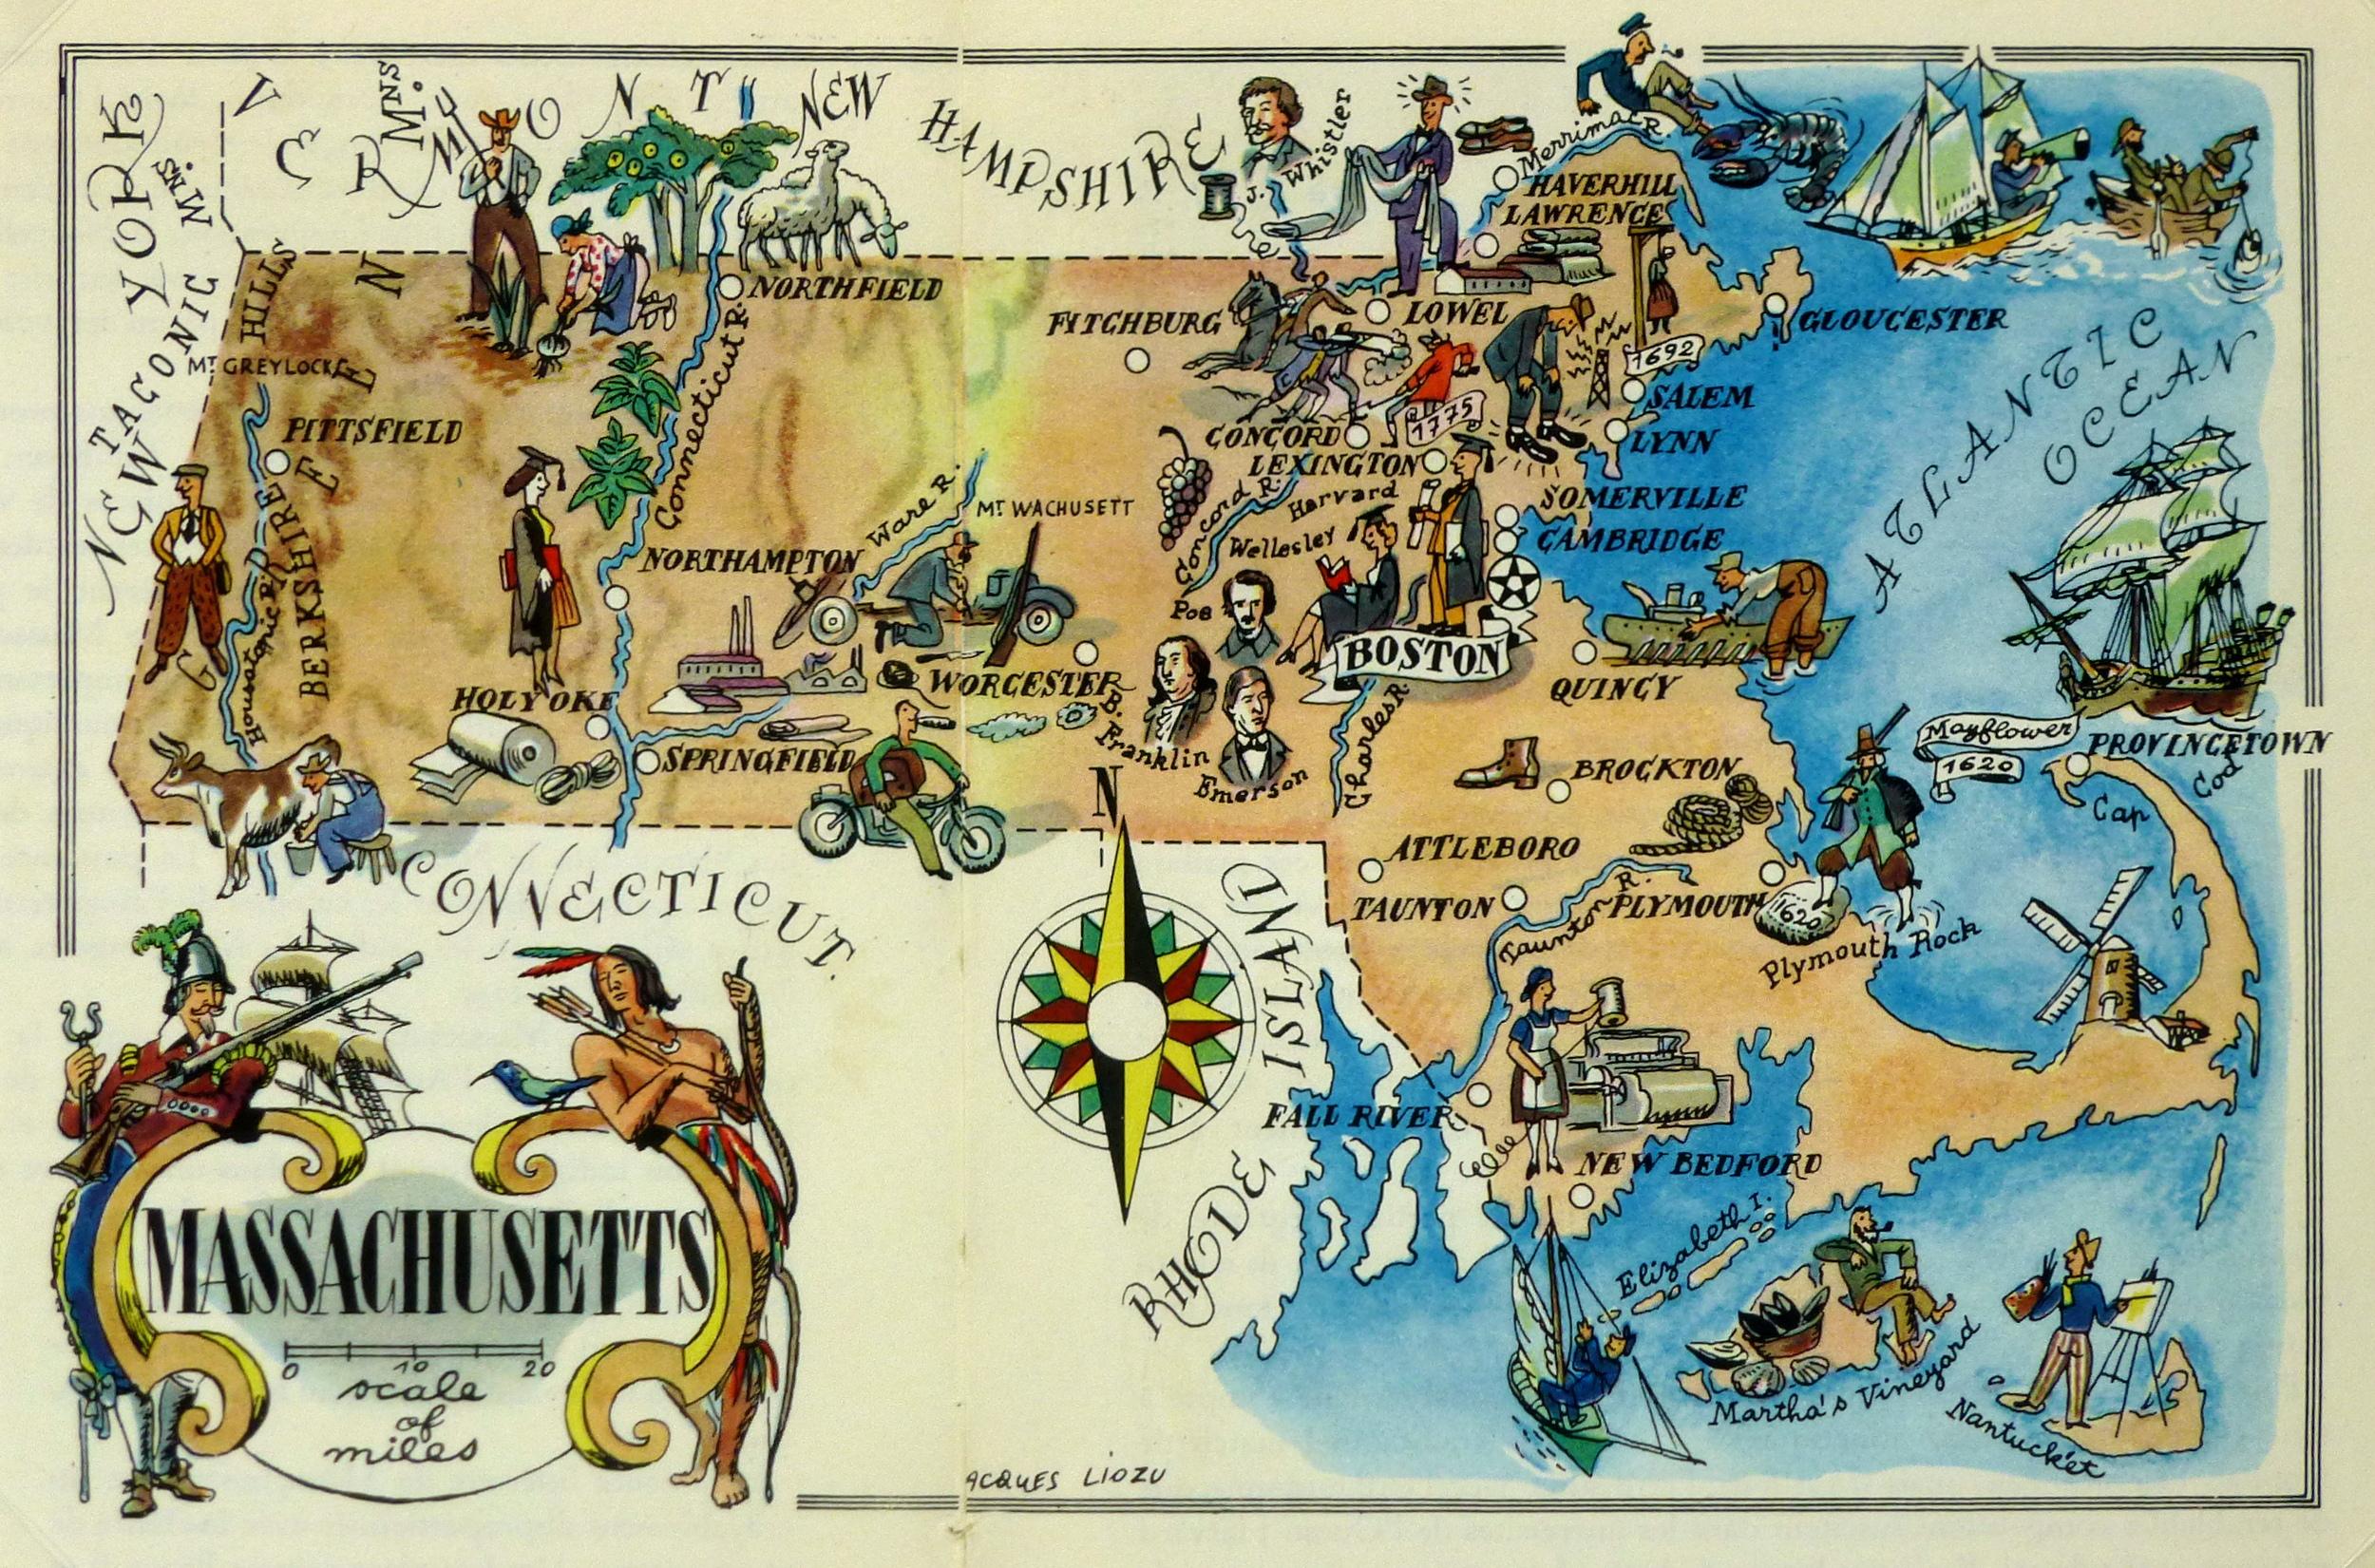 Massachusetts Pictorial Map, 1946-main-6269K